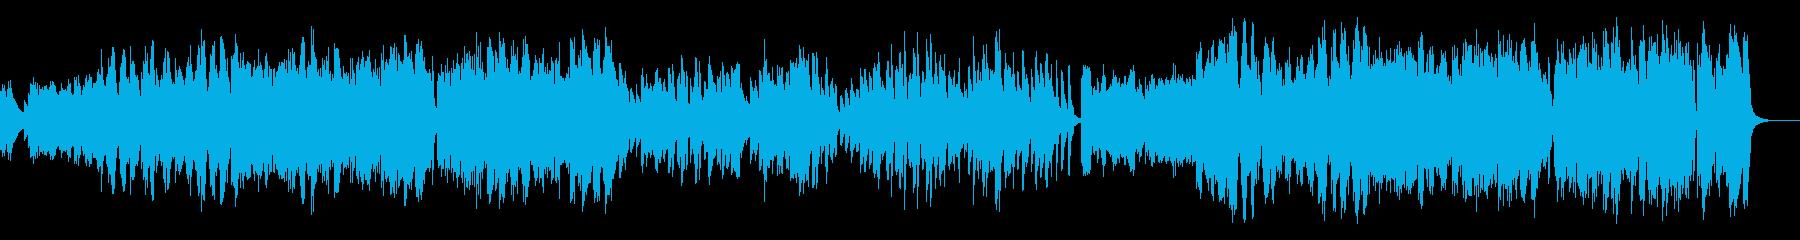 ショパン ピアノ曲 子犬のワルツ・高音質の再生済みの波形